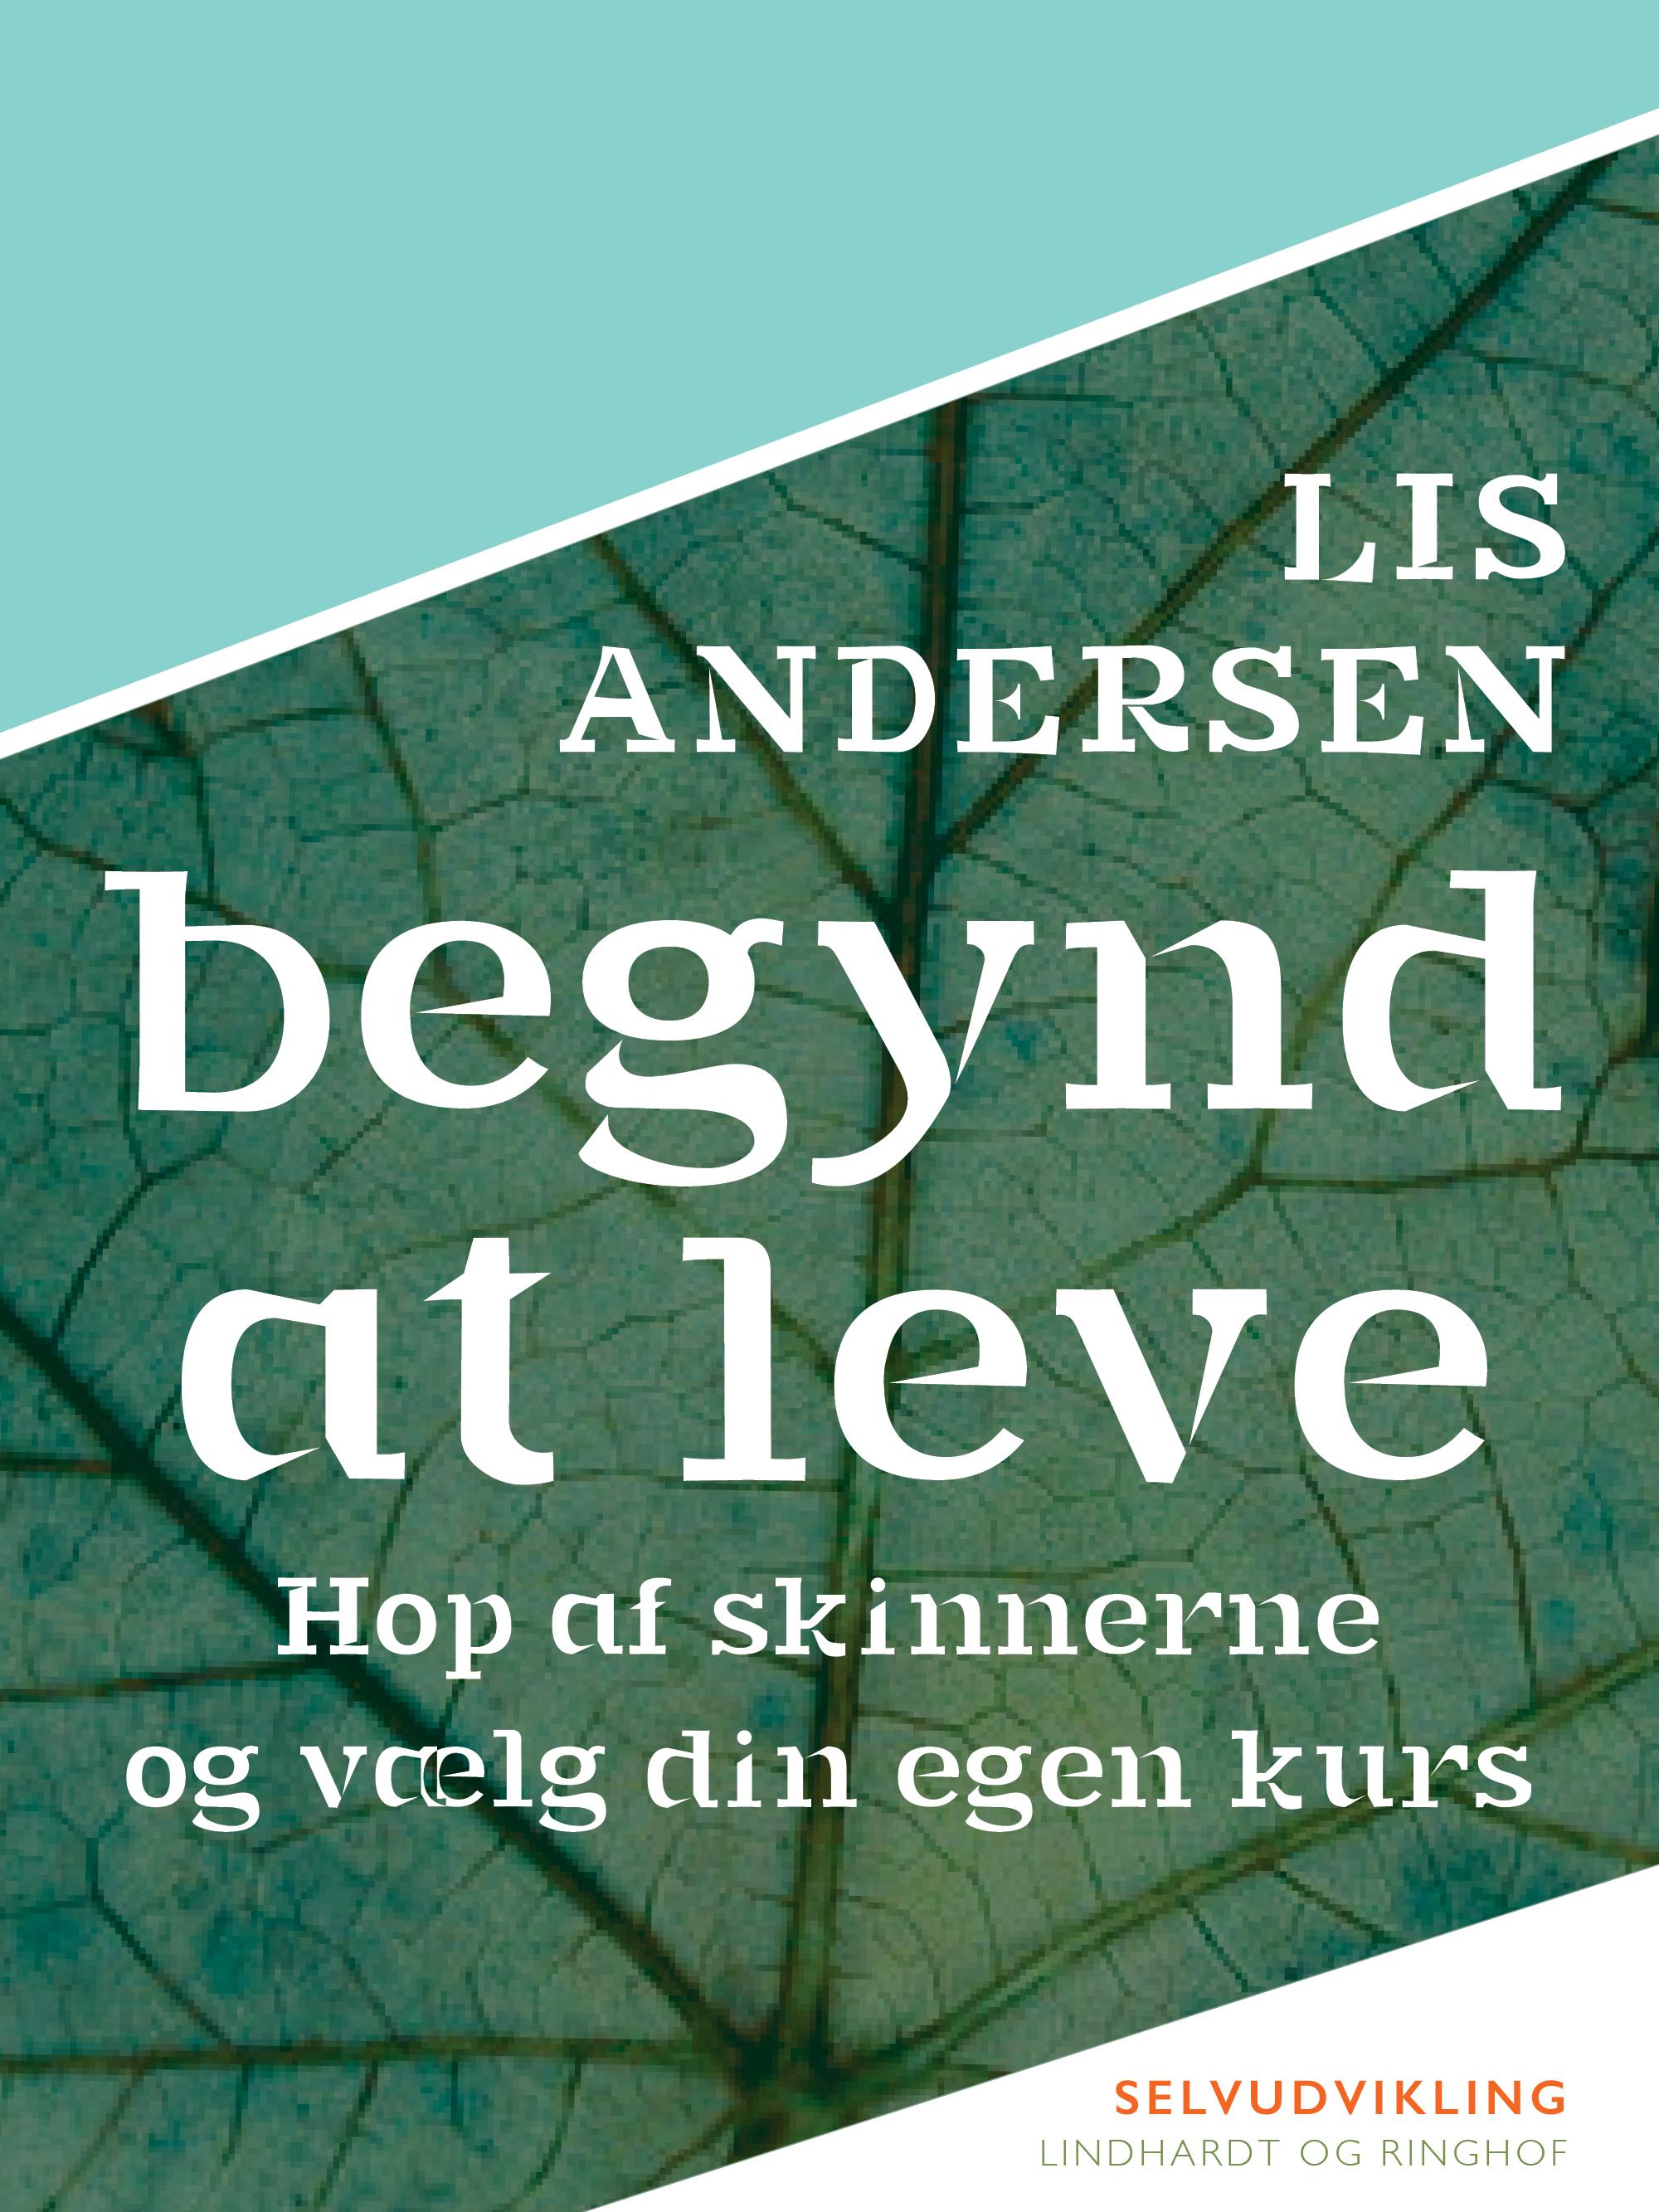 N/A – Begynd at leve: hop af skinnerne og vælg din egen kurs - e-bog fra bog & mystik